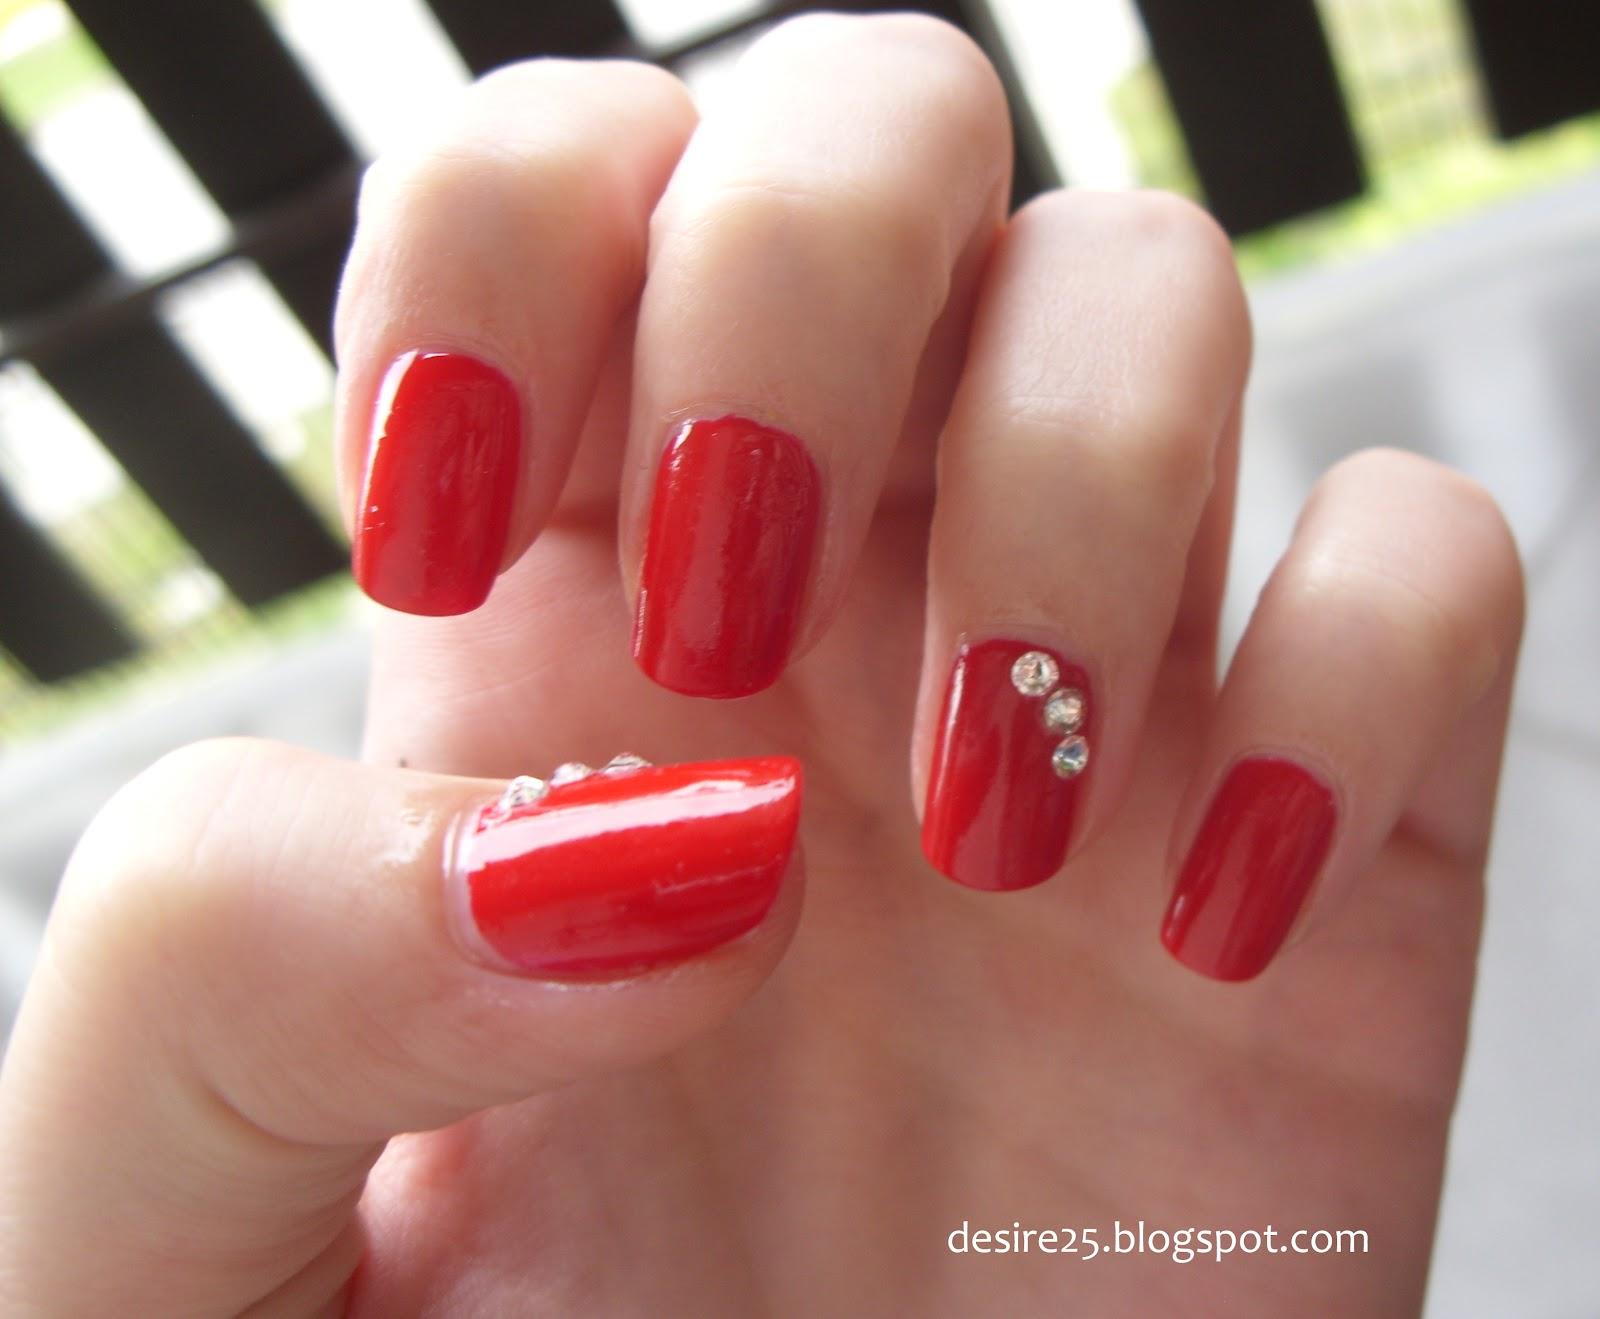 http://desire25.blogspot.com/2012/09/pazurki-4.html